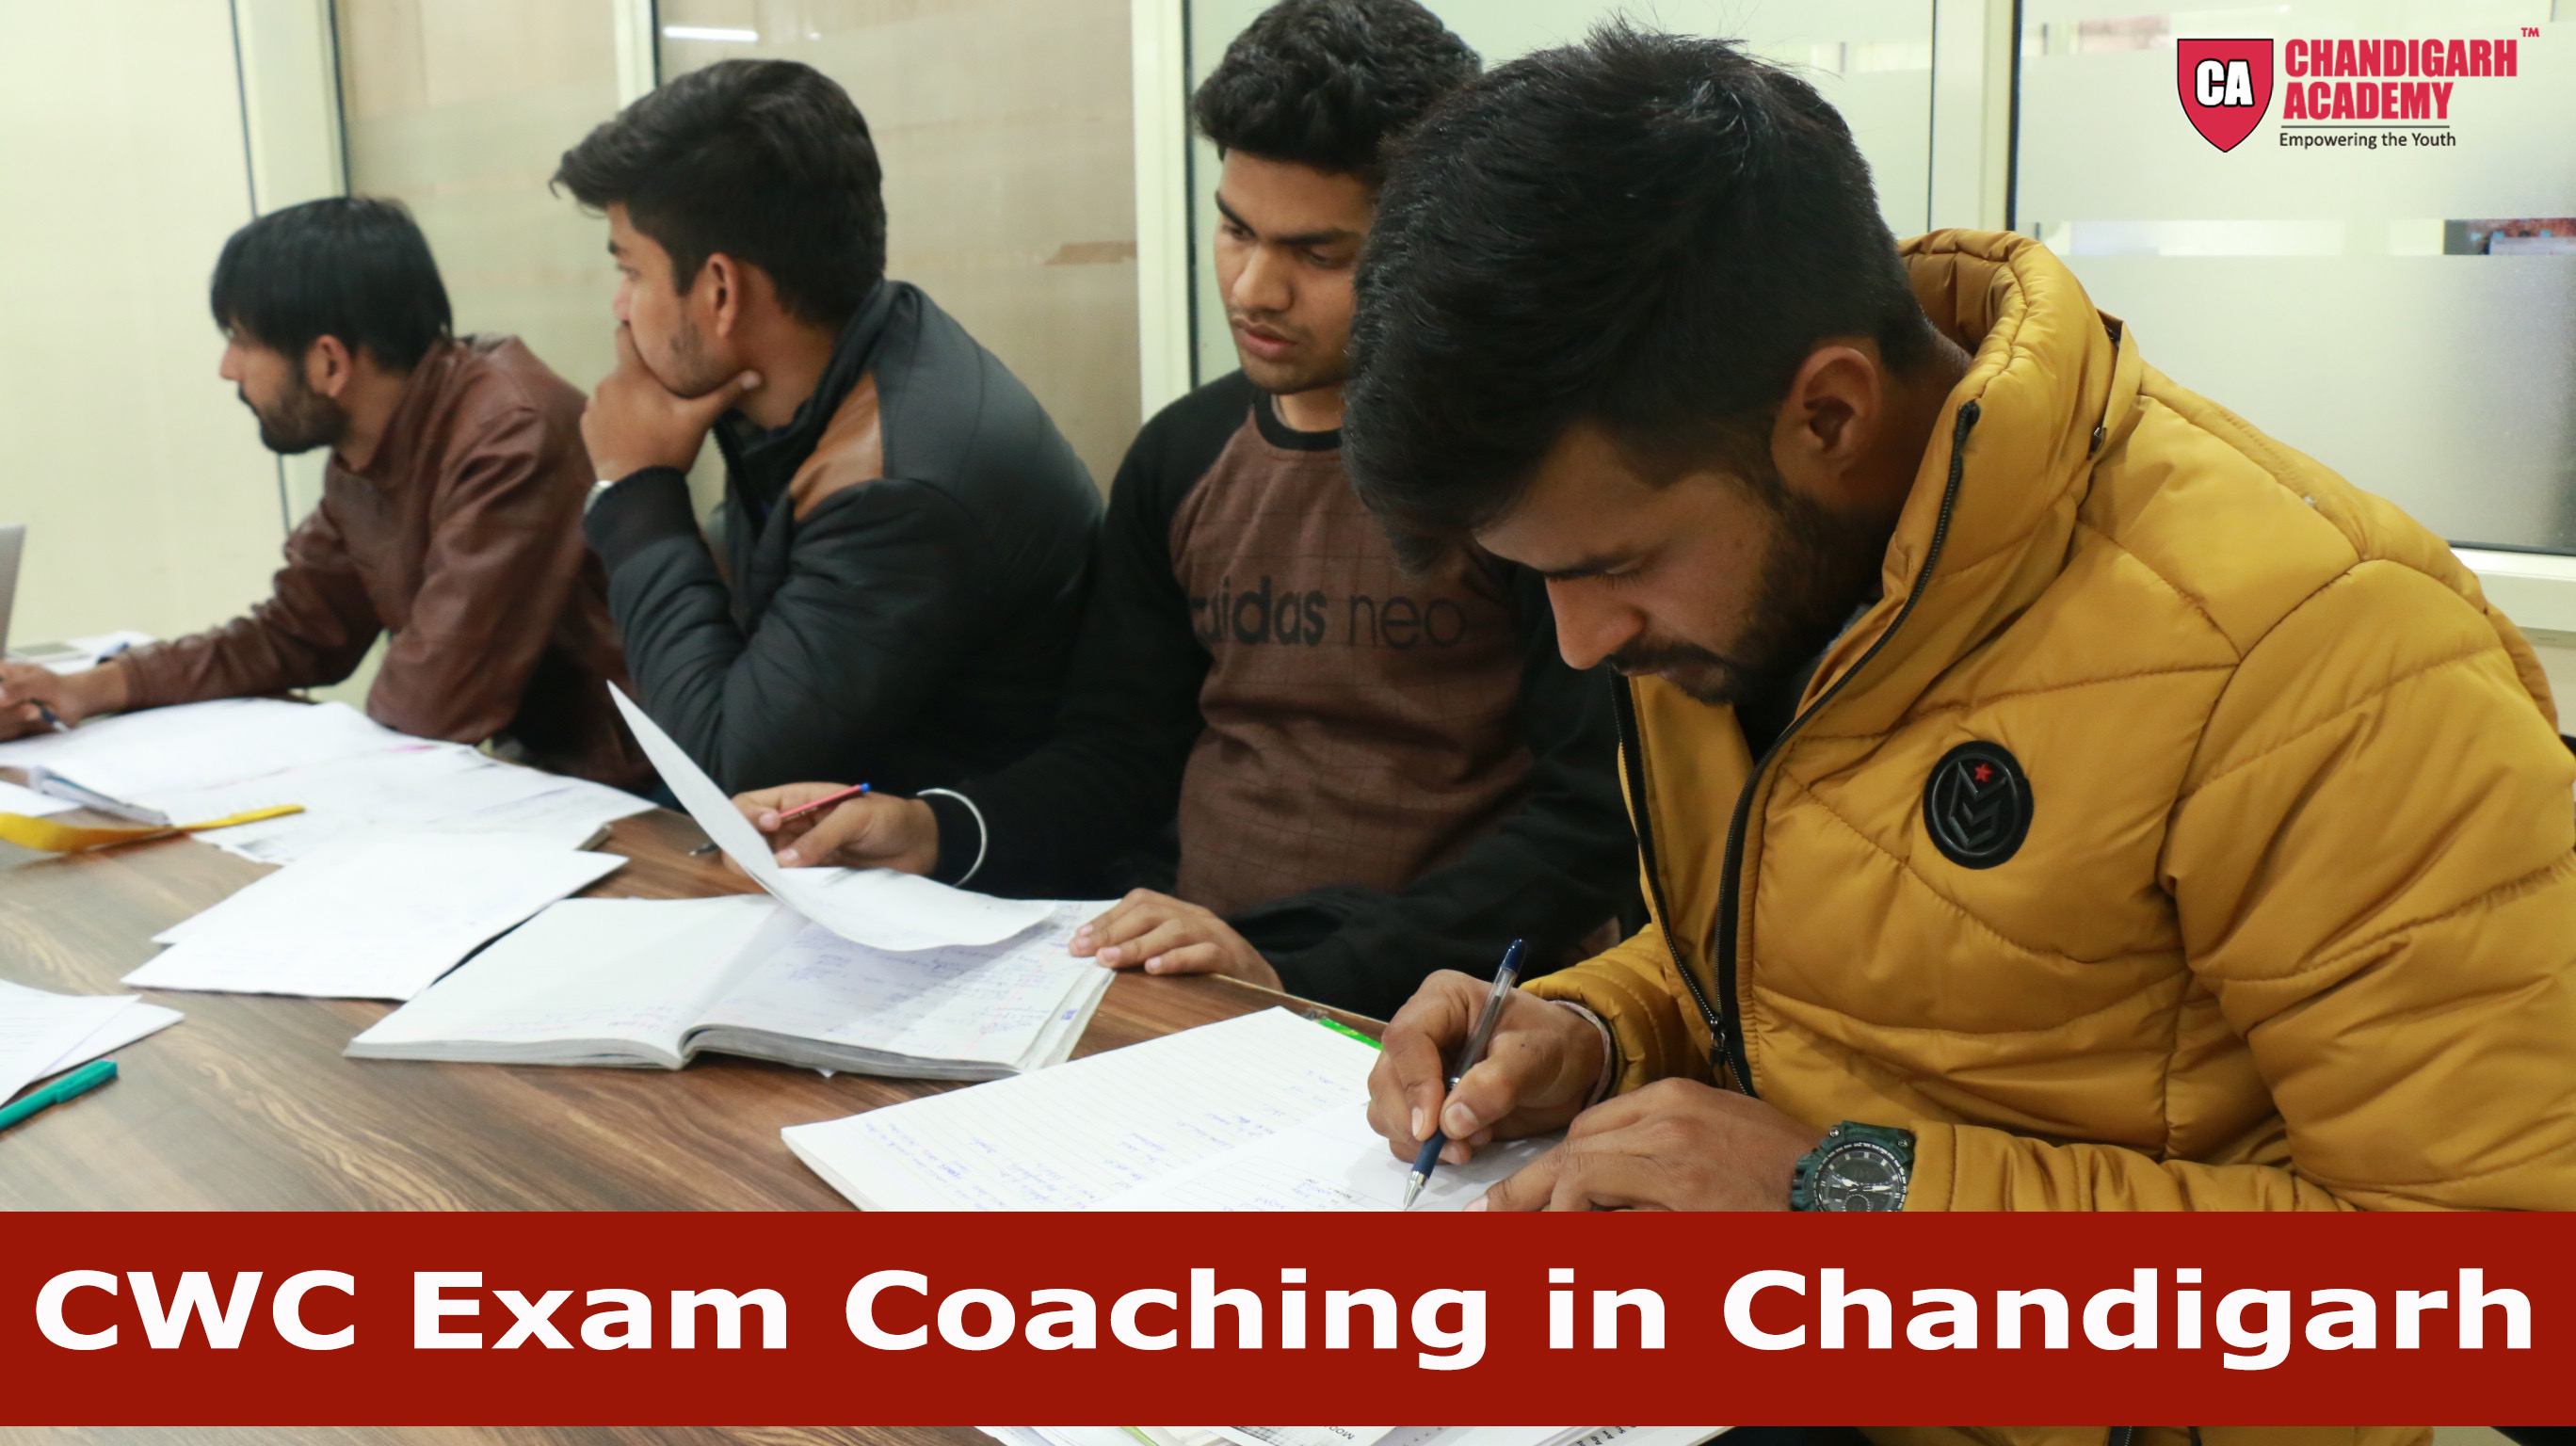 CWC Exam Coaching in Chandigarh